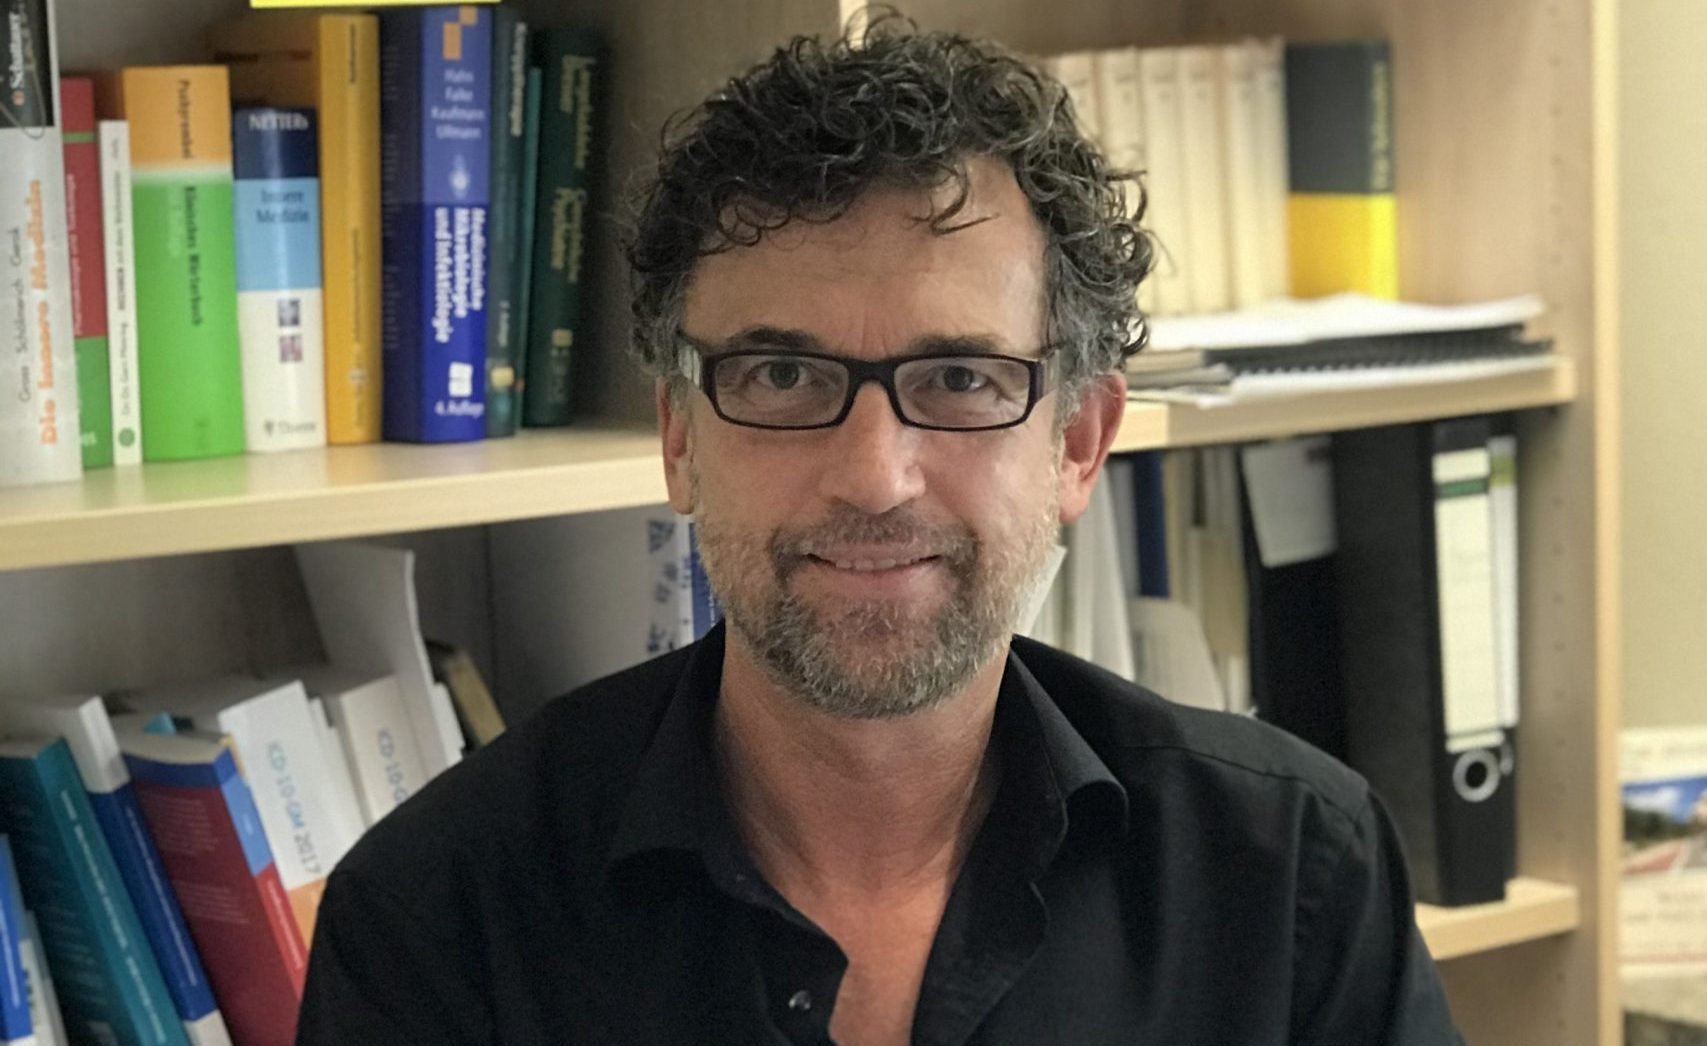 """Dr. Pürner: """"Keine außergewöhnliche Notlage"""" – Impfstoffe müssen ausreichend getestet und sicher sein"""